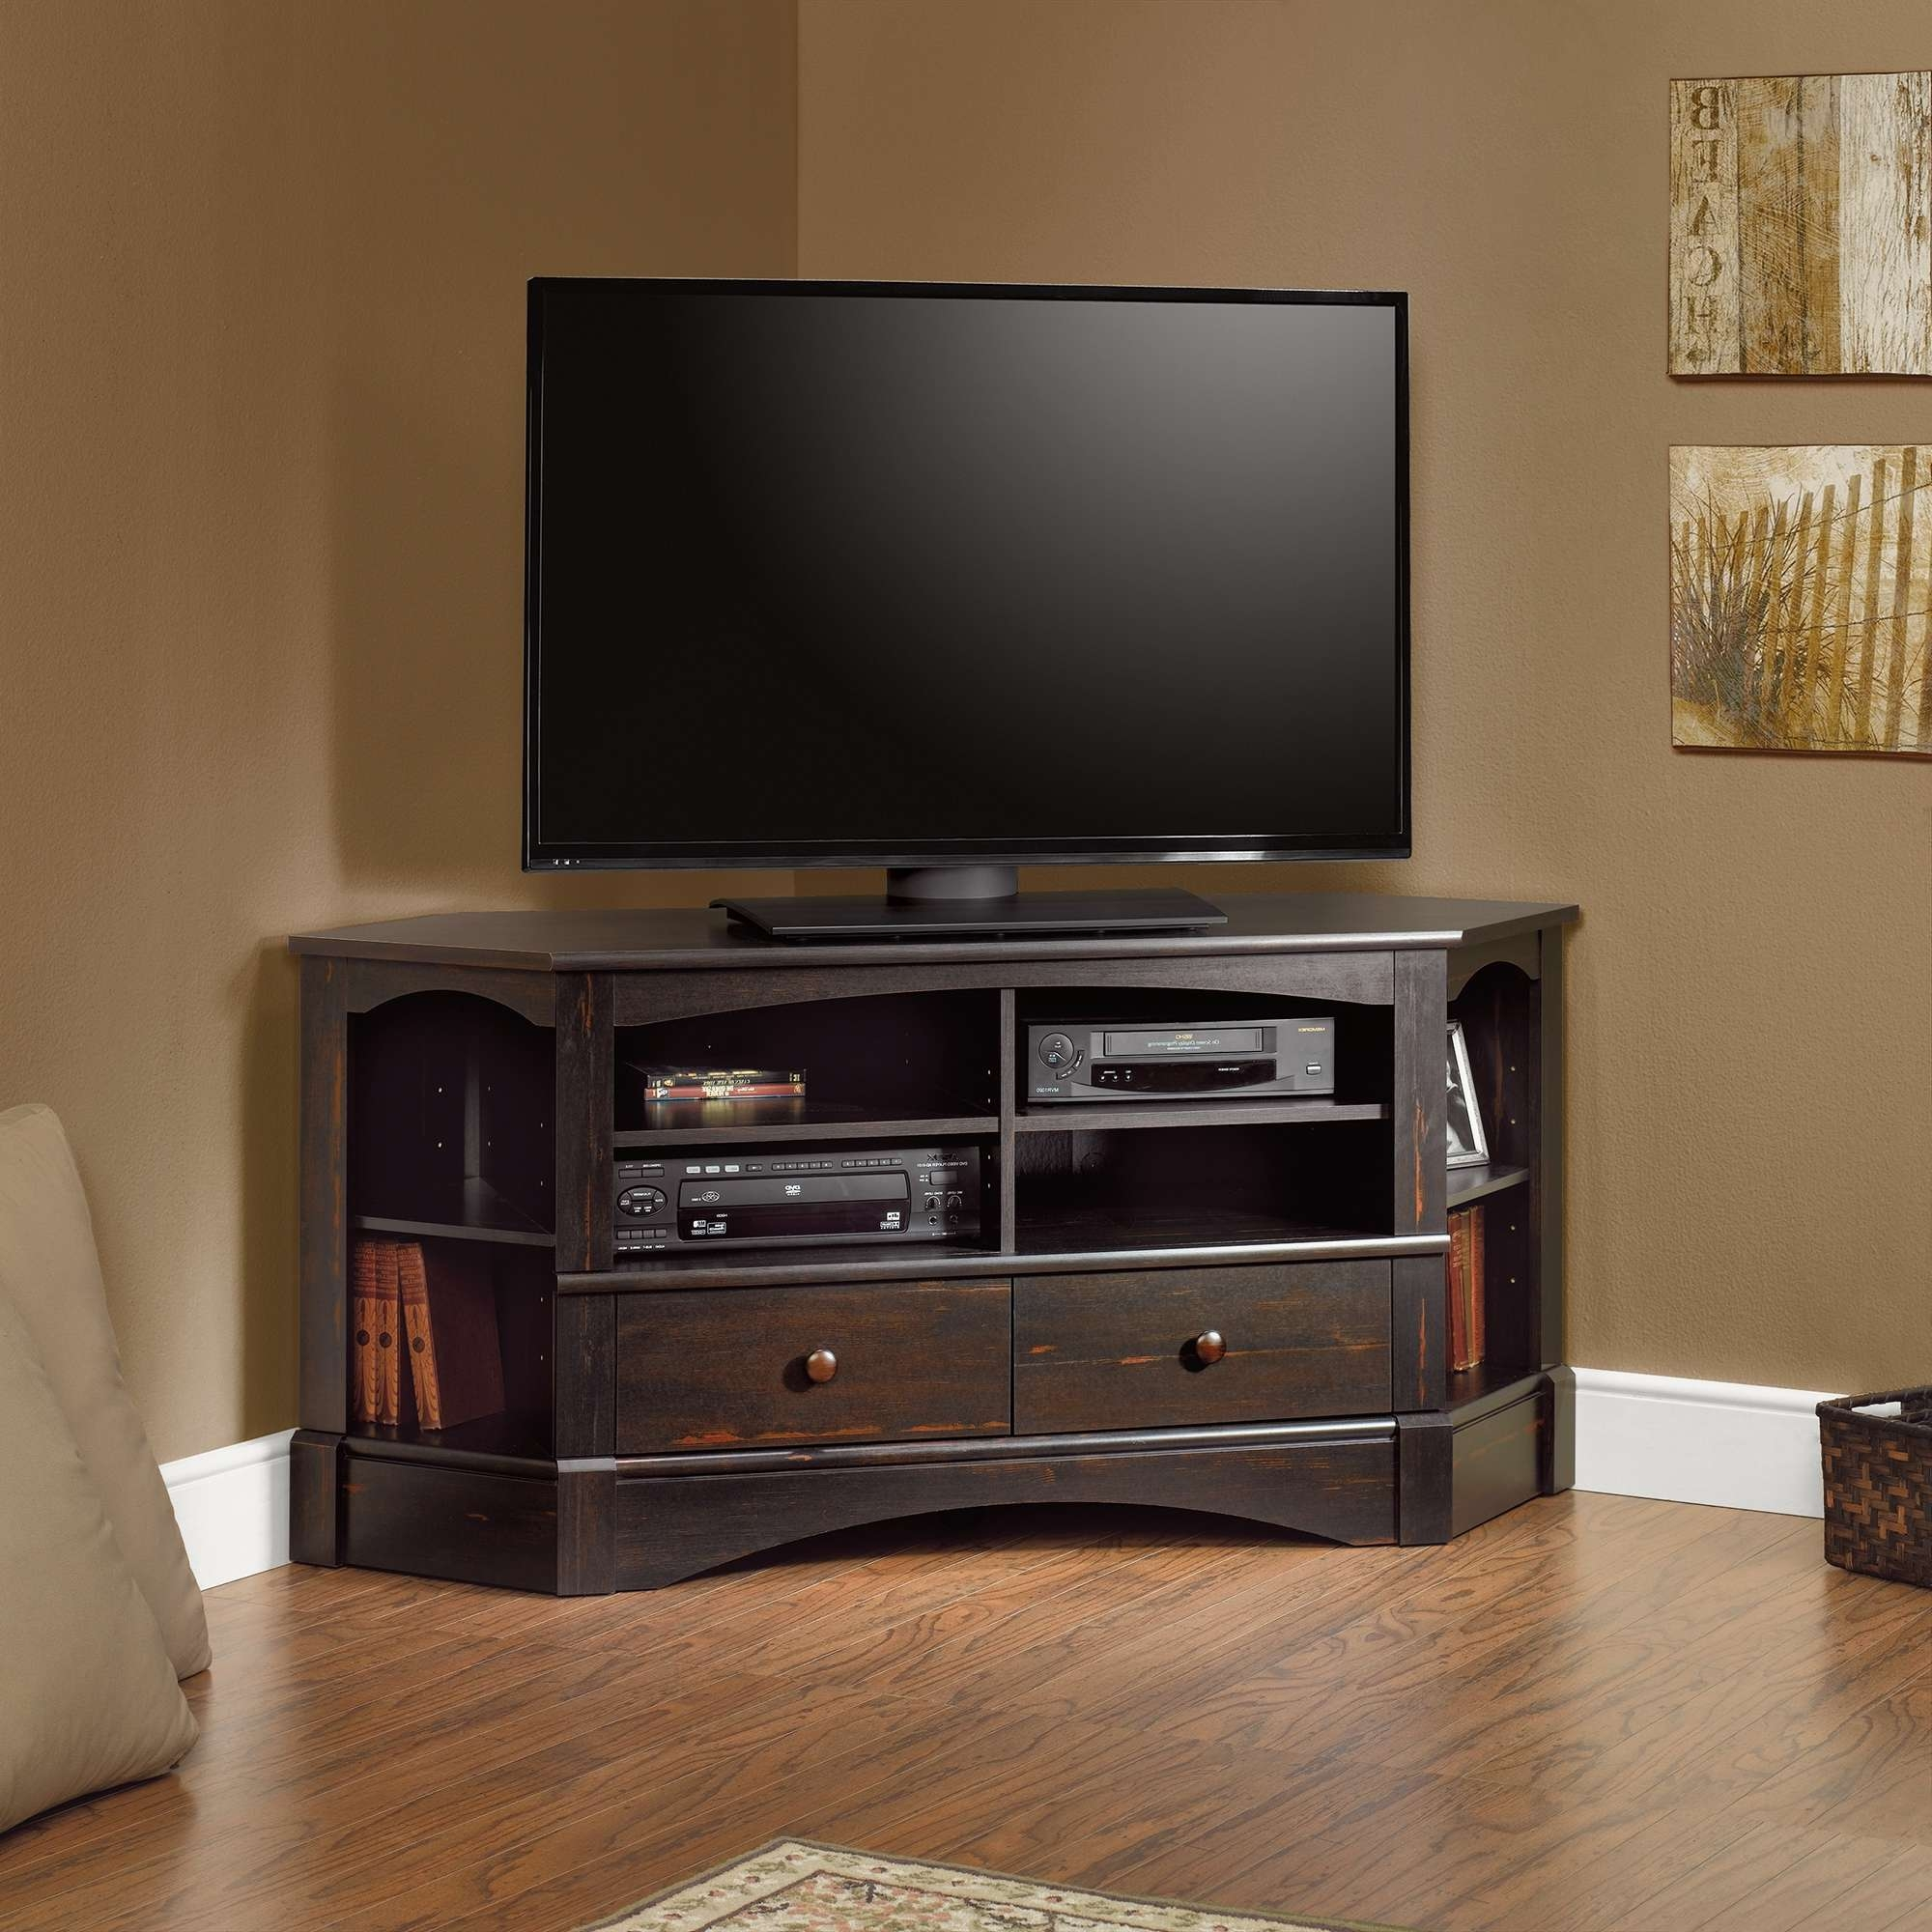 Corner Dark Wood Tv Cabinet • Corner Cabinets For Dark Wood Tv Cabinets (View 6 of 20)